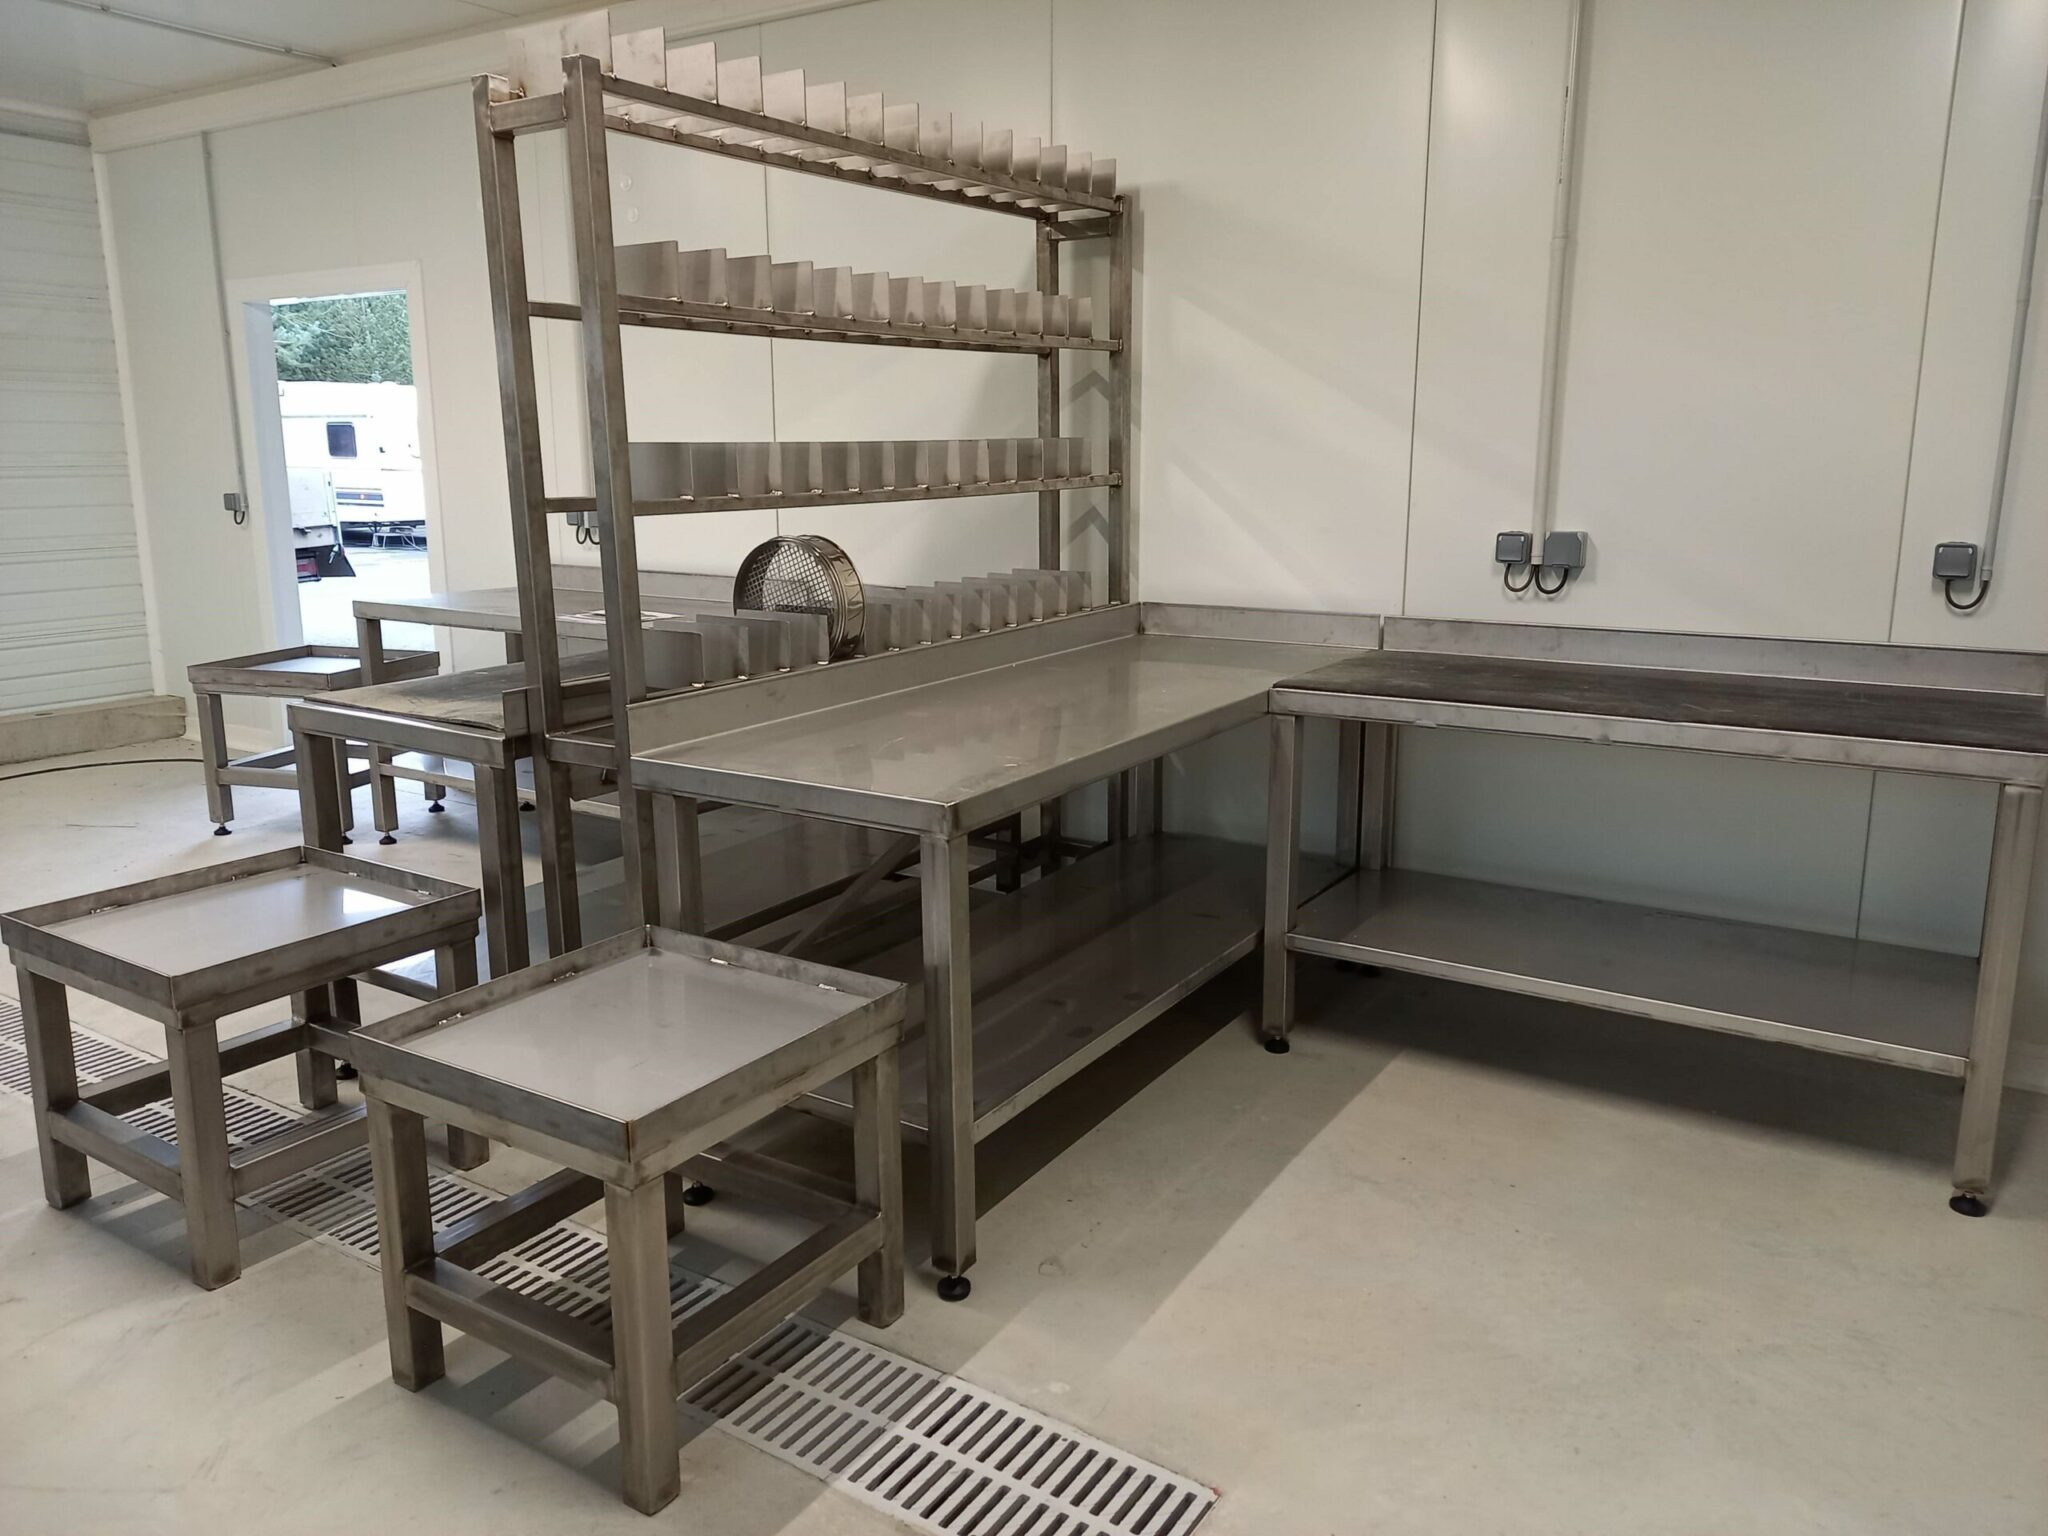 Table de laboratoire en inox sur-mesure